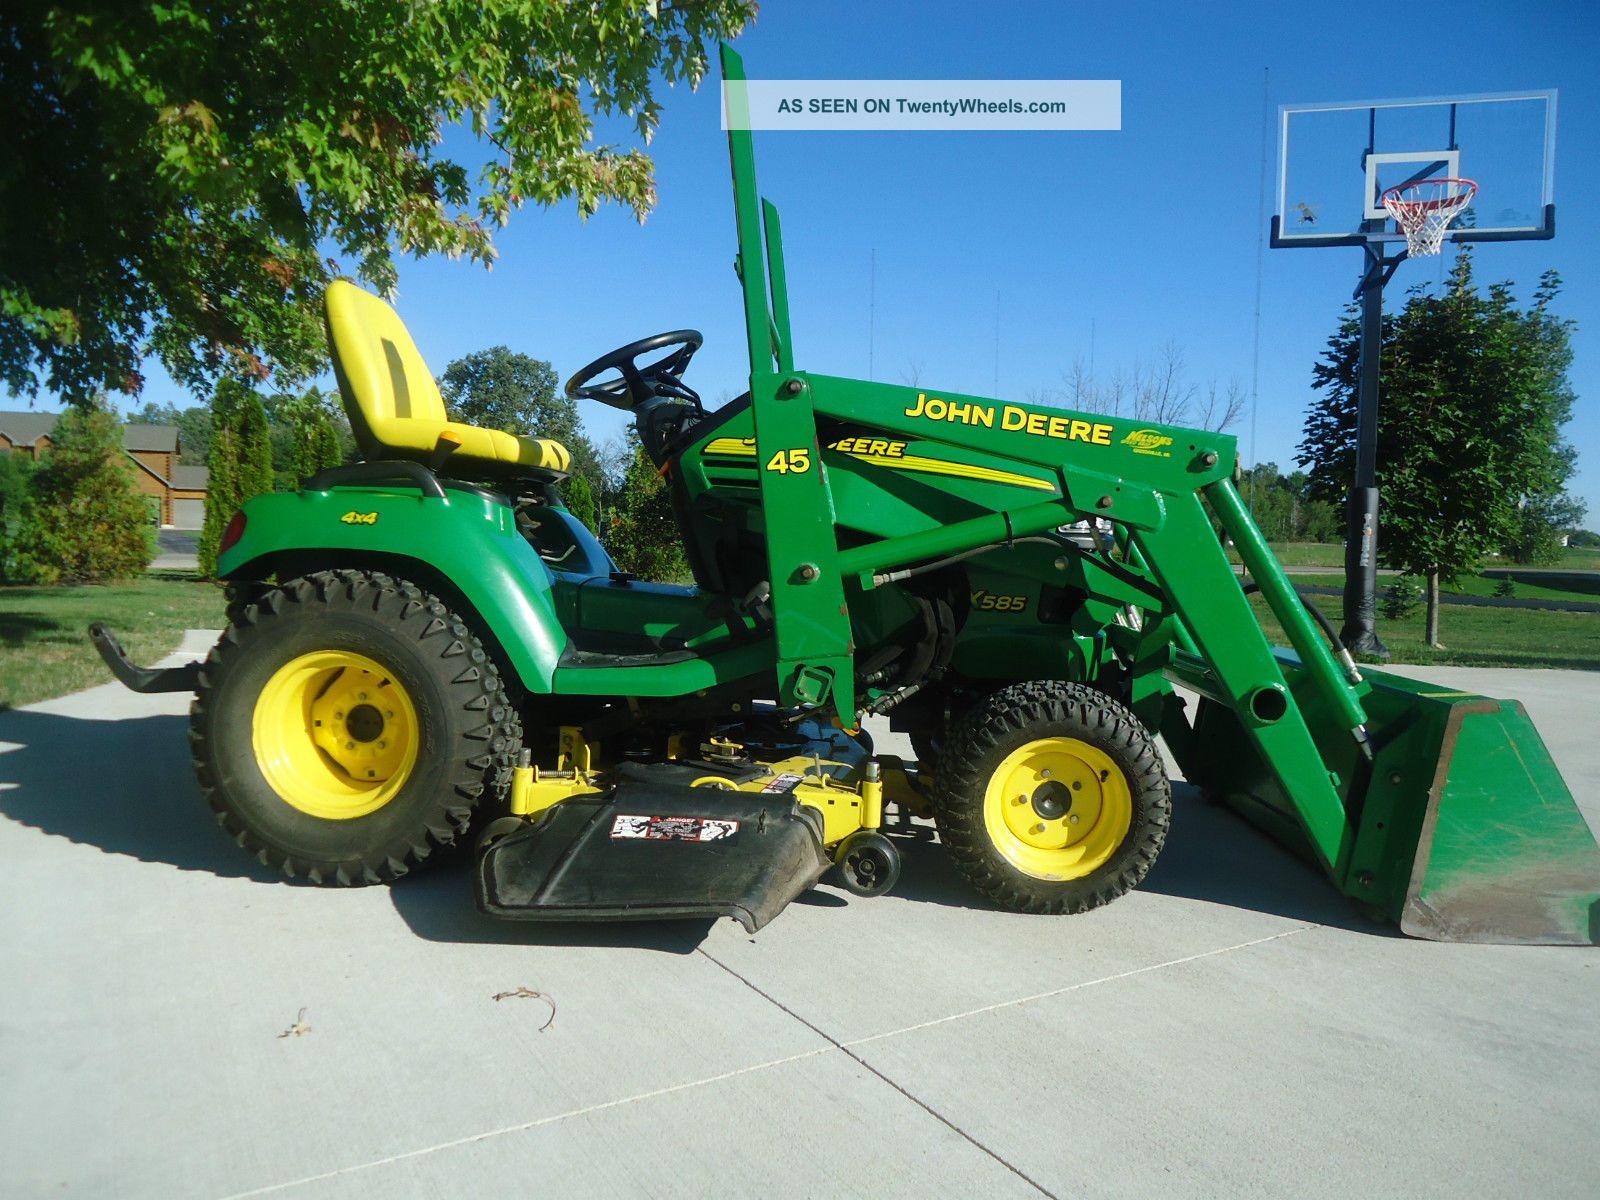 John Deere Garden Tractors 4x4 : John deere garden tractor car interior design